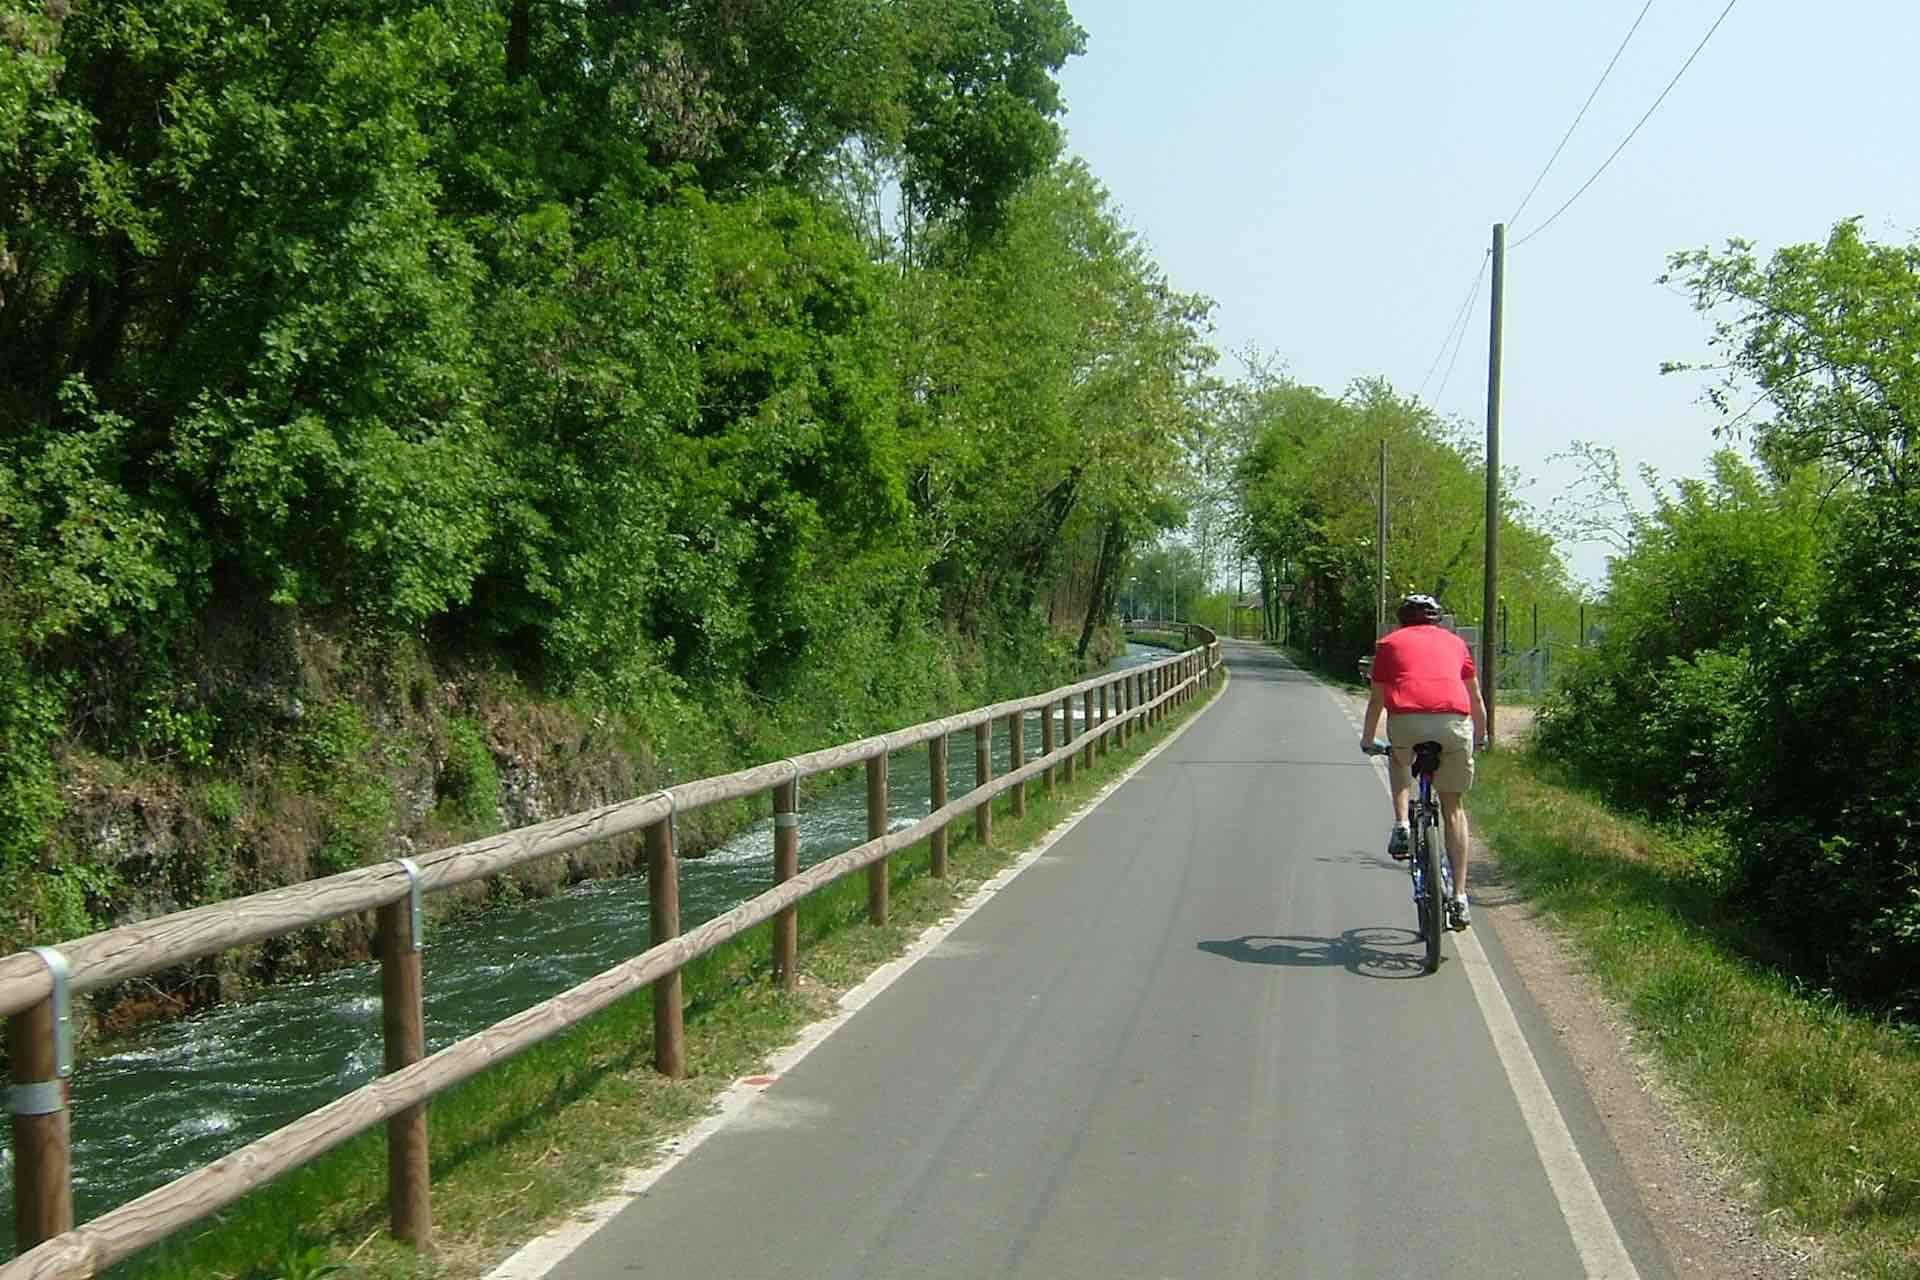 scopri il Montello in mountain bike durante la tua vacanza in bicicletta in Veneto